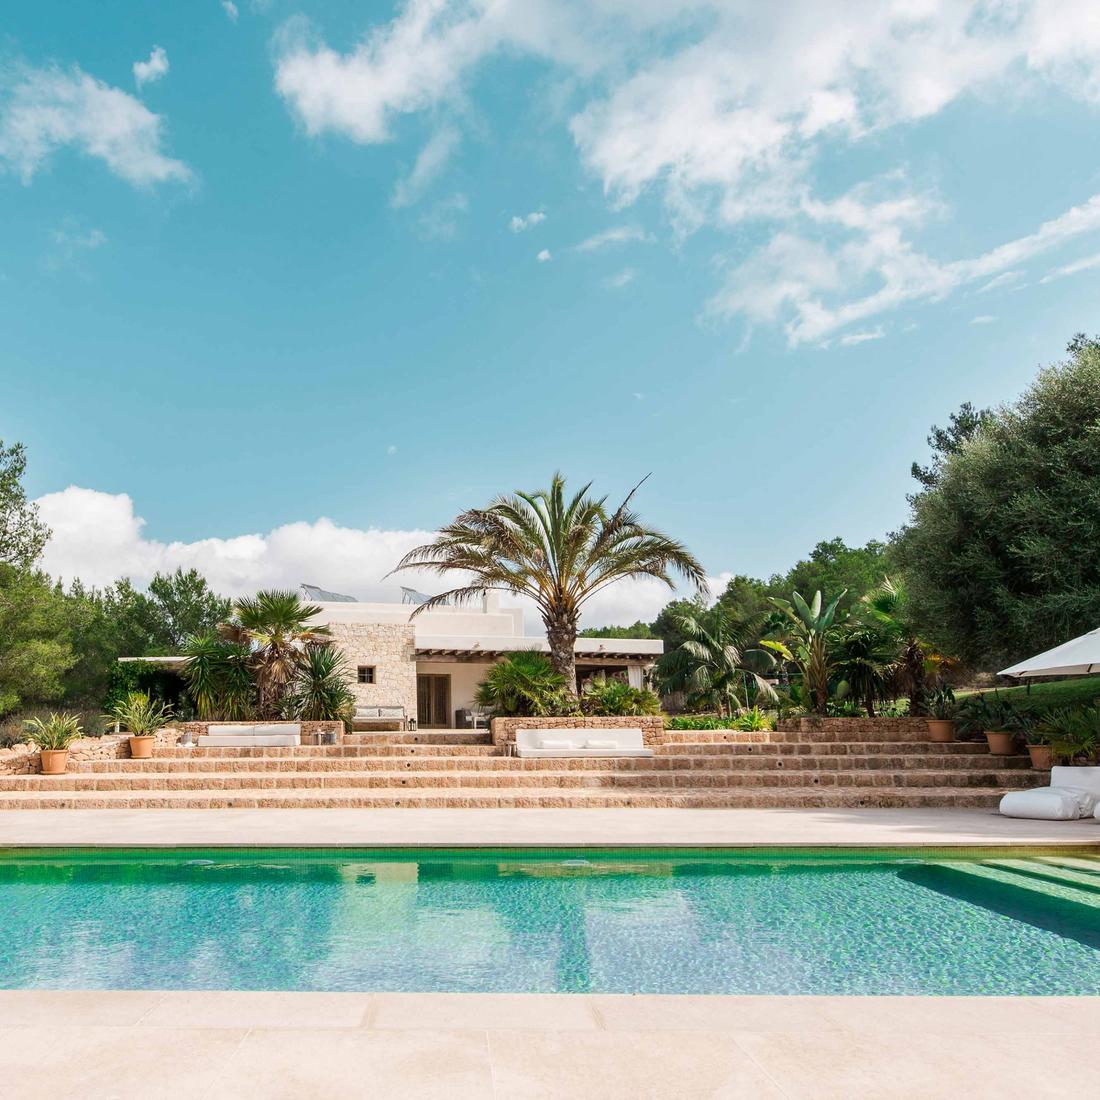 Private Villas In Portugal luxury villa holidays & private villa rentals | mr and mrs smith